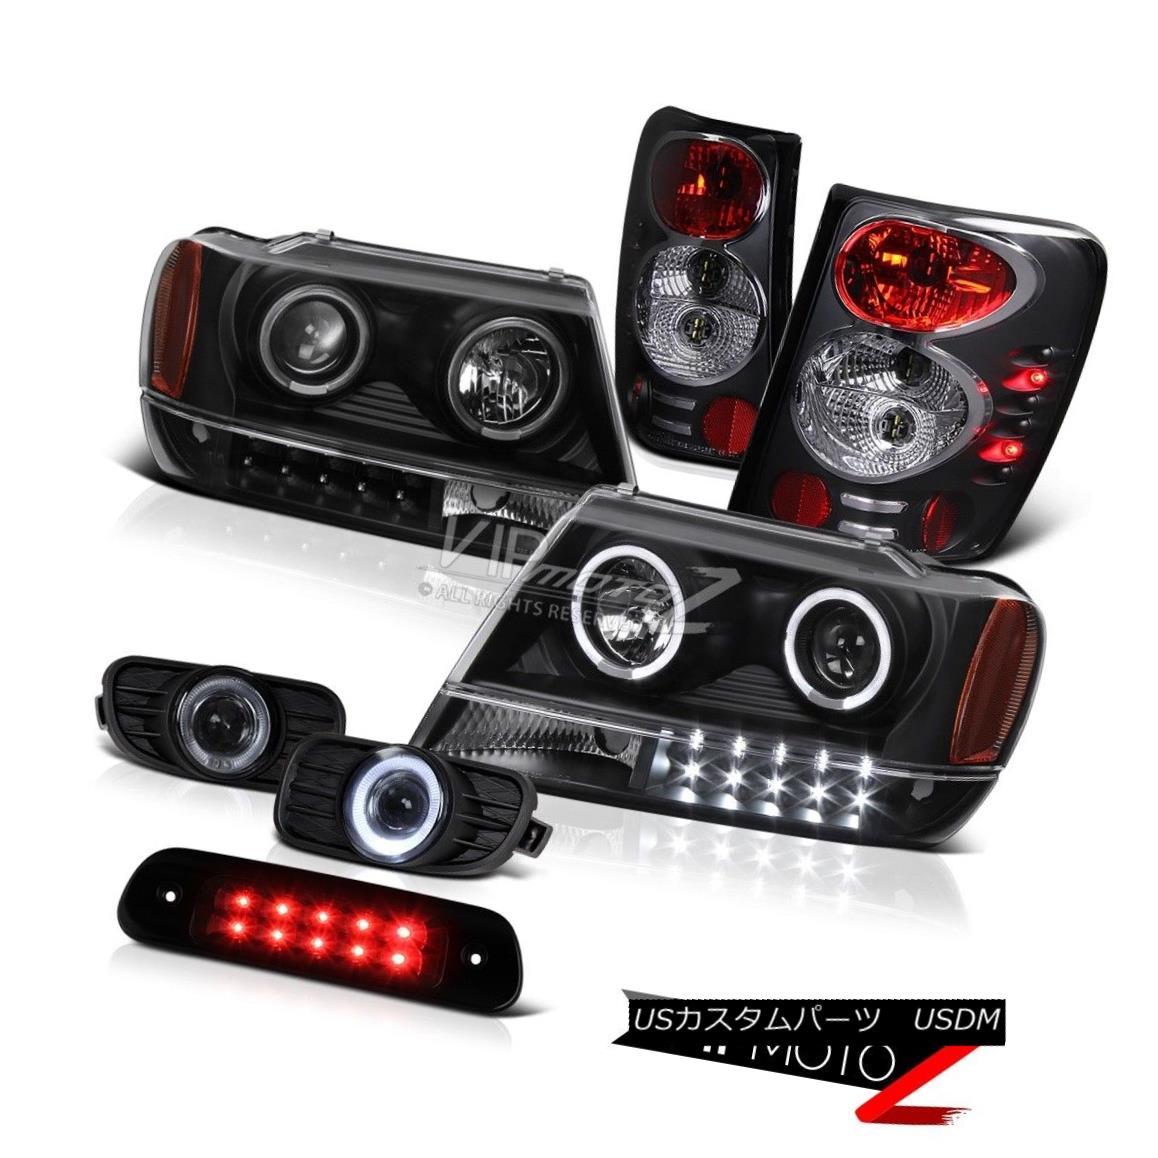 ヘッドライト 99-03 Jeep Grand Cherokee WG 4X4 Roof Cab Lamp Fog Lamps Tail Headlamps Euro Bk 99-03ジープグランドチェロキーWG 4X4ルーフキャブランプフォグランプテールヘッドランプユーロBk